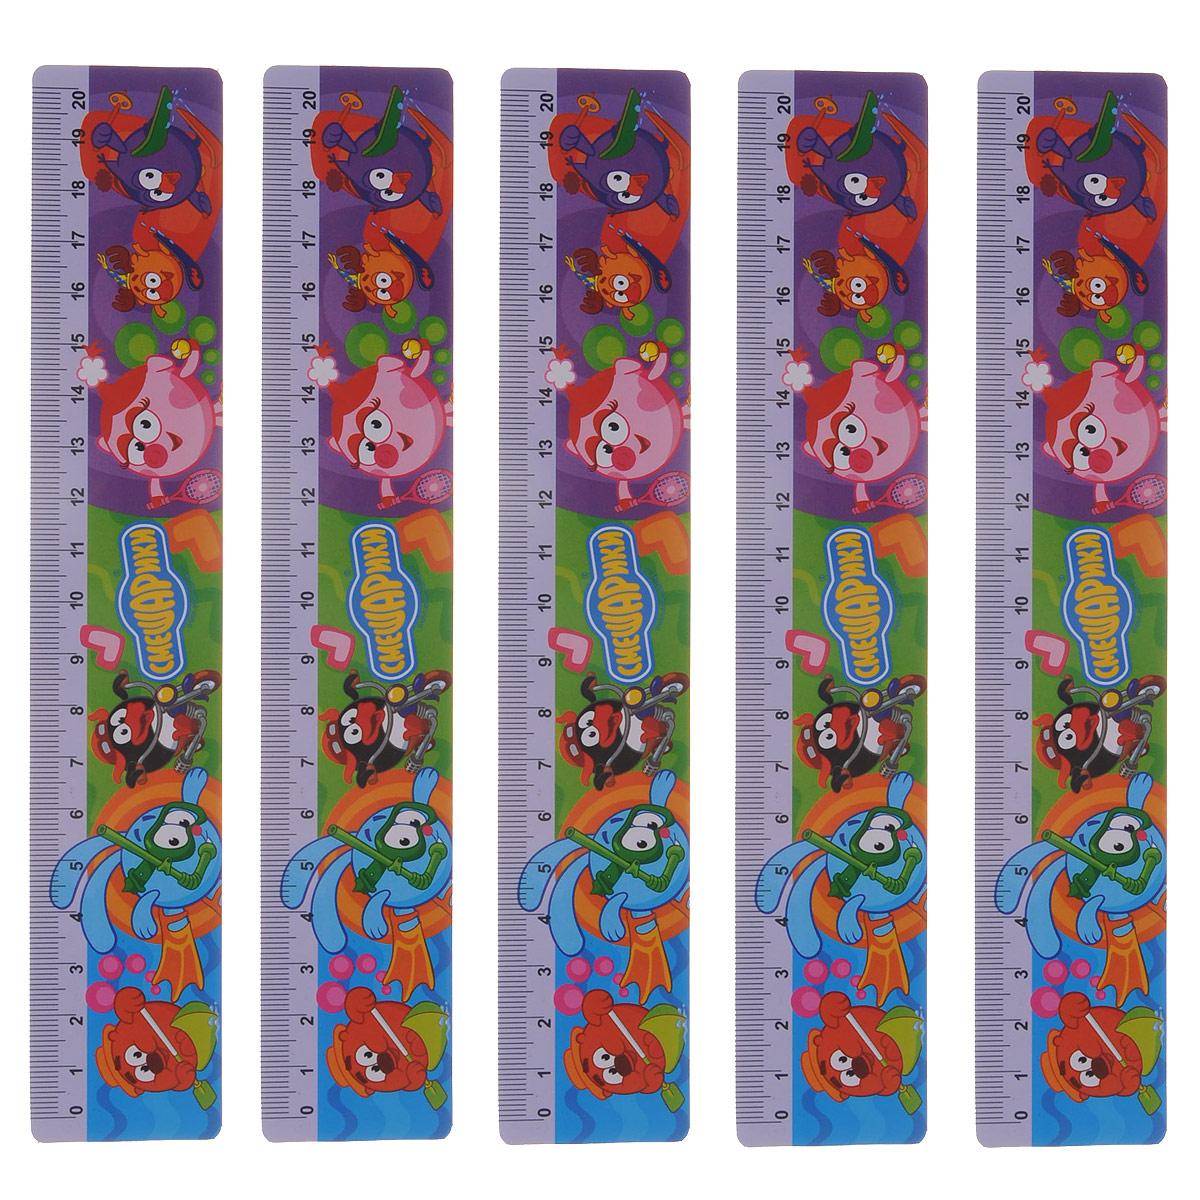 Линейка Centrum Смешарики, 20 см, цвет: фиолетовый, 5 шт84701ОЛинейка Смешарики выполнена из прочного пластика и оформлена изображениями всеми любимых героев мультфильма Смешарики. Линейка имеет сантиметровую шкалу до 20 см. Цифры нанесены крупным шрифтом и не вызывают затруднений при чтении. В комплект входят 5 линеек.Линейка - это незаменимый атрибут, необходимый каждому школьнику или студенту, упрощающий измерение и обеспечивающий ровность проводимых линий. А с линейкой Смешарики учиться будет интересно и весело!